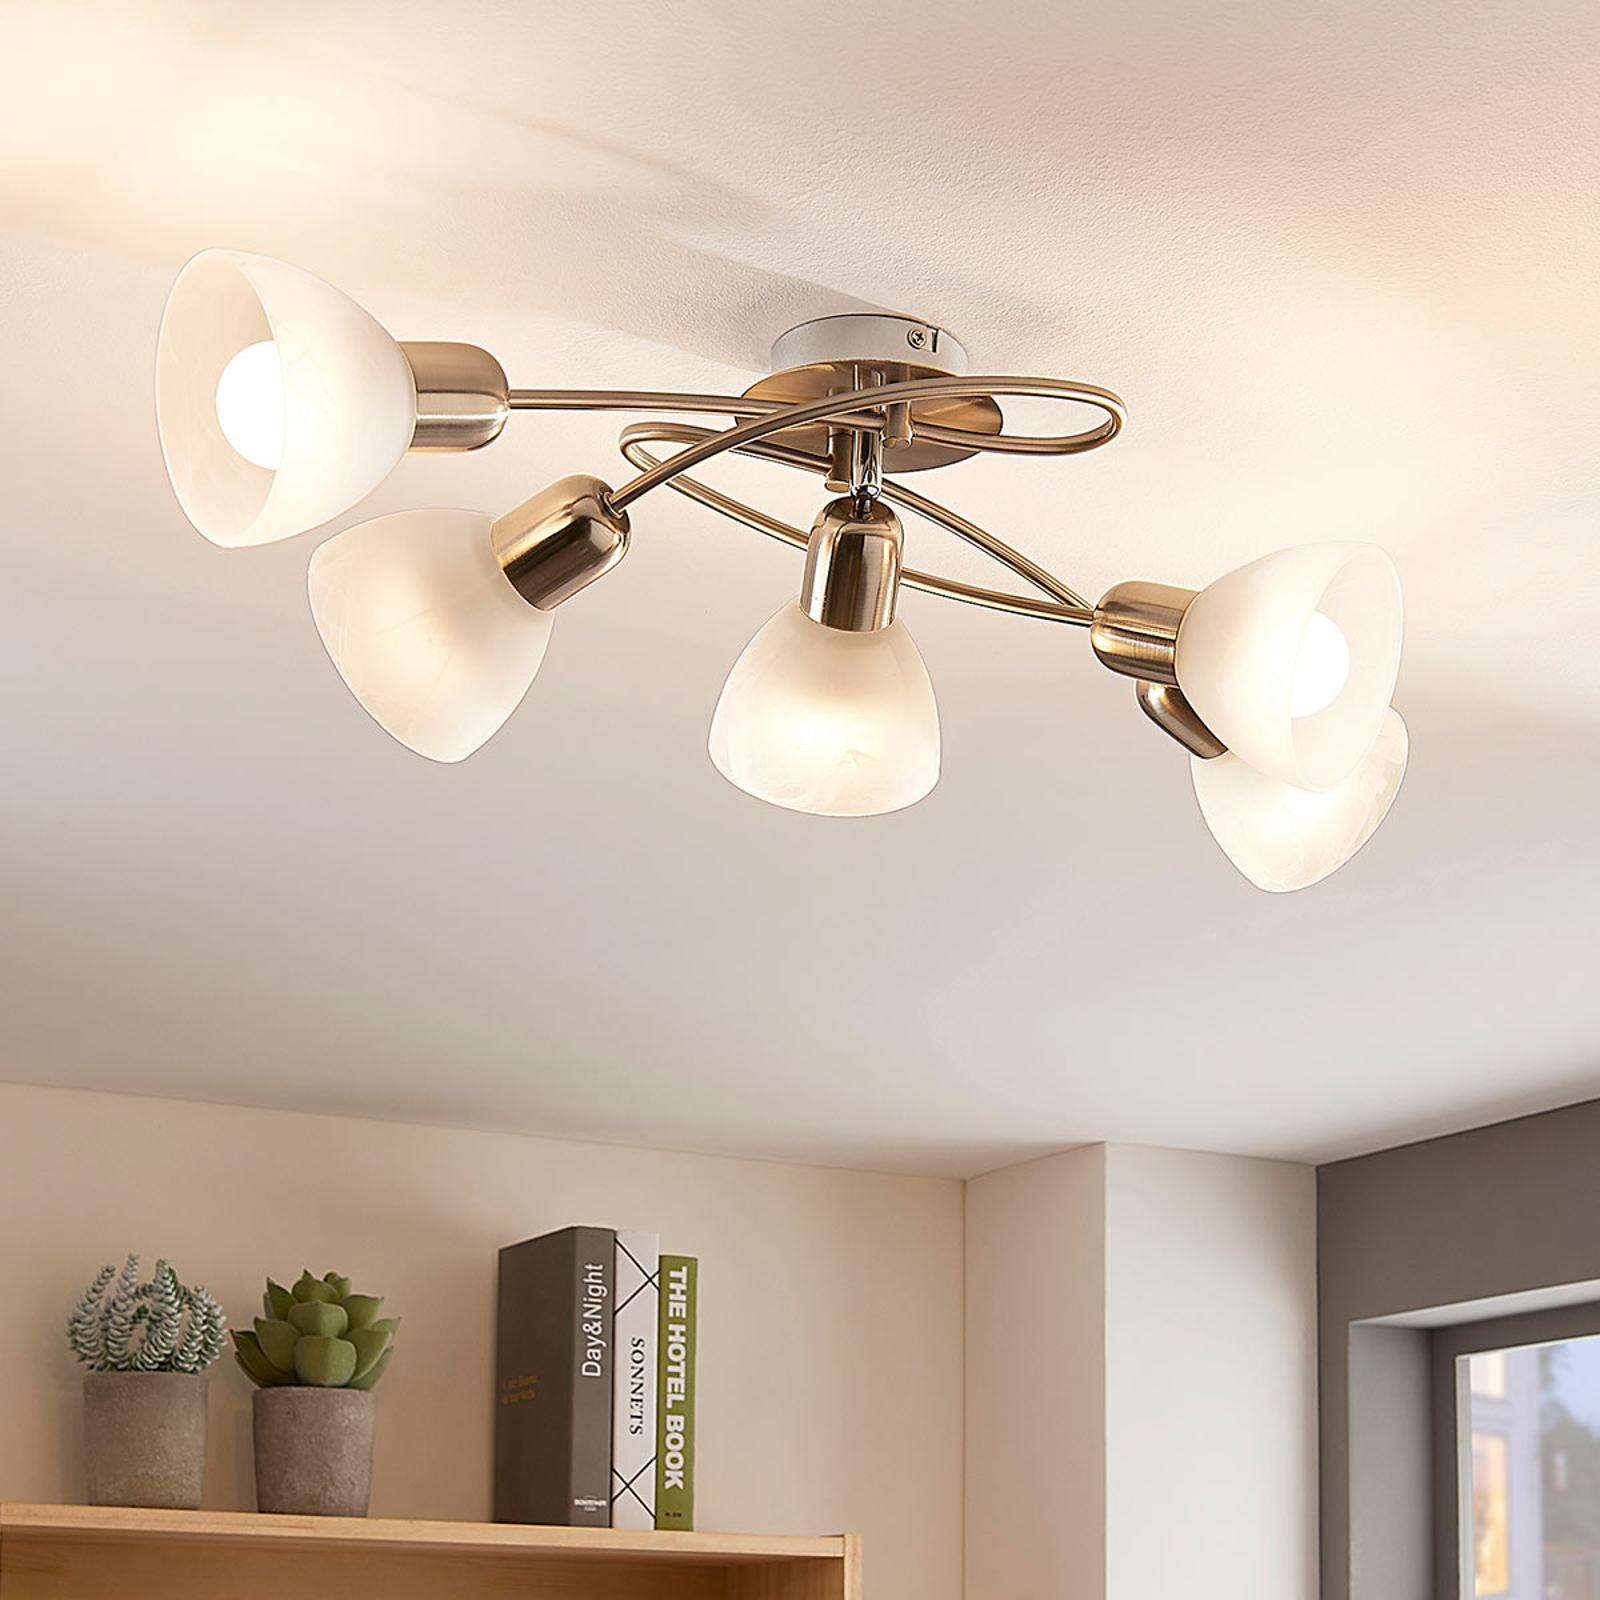 Viisilamppuinen LED-kattolamppu Paulina olohuone